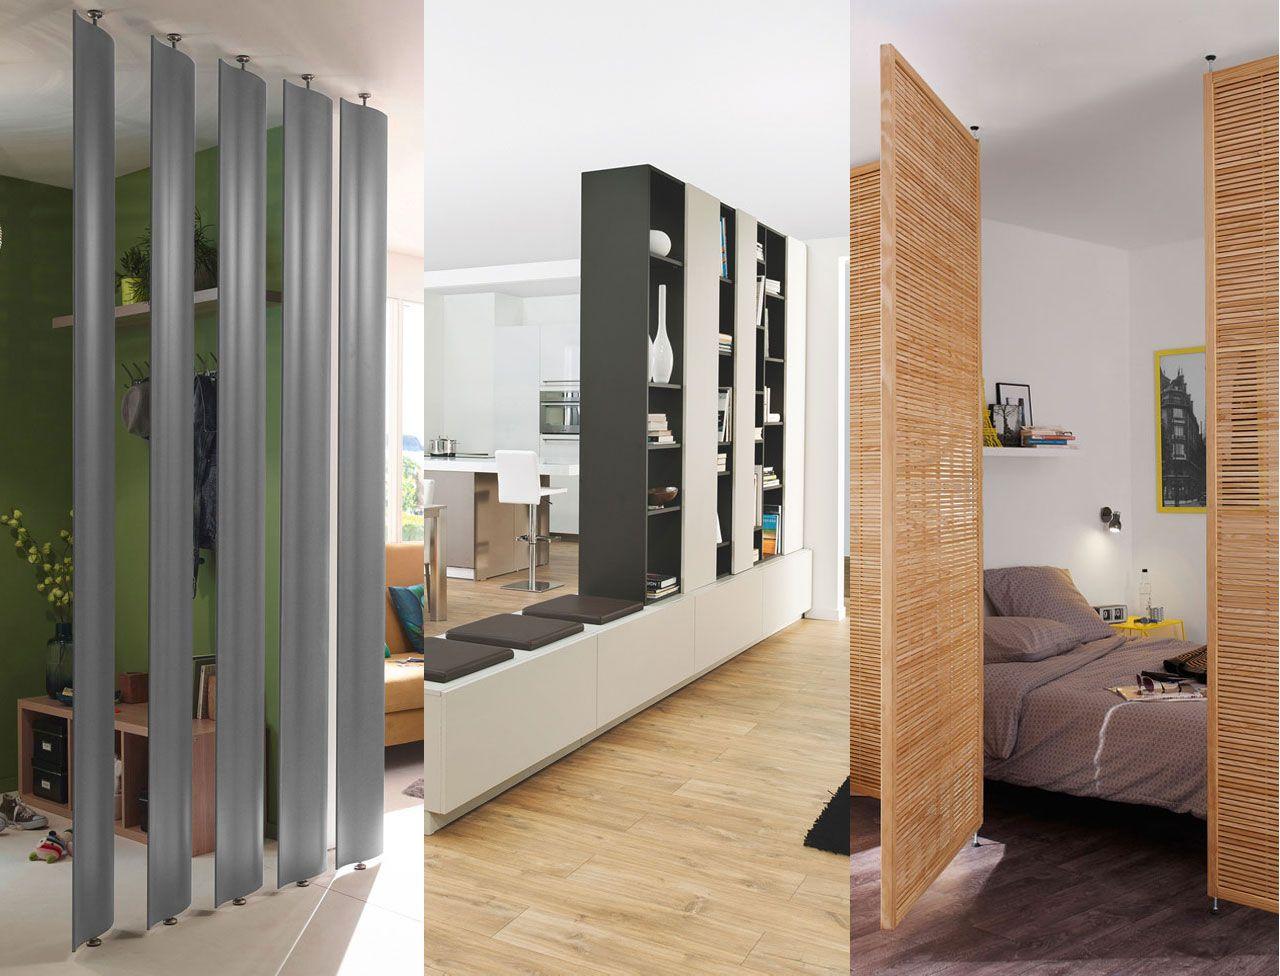 Comment cloisonner une pièce facilement | Cloison, Cloison decorative, Moulure plafond